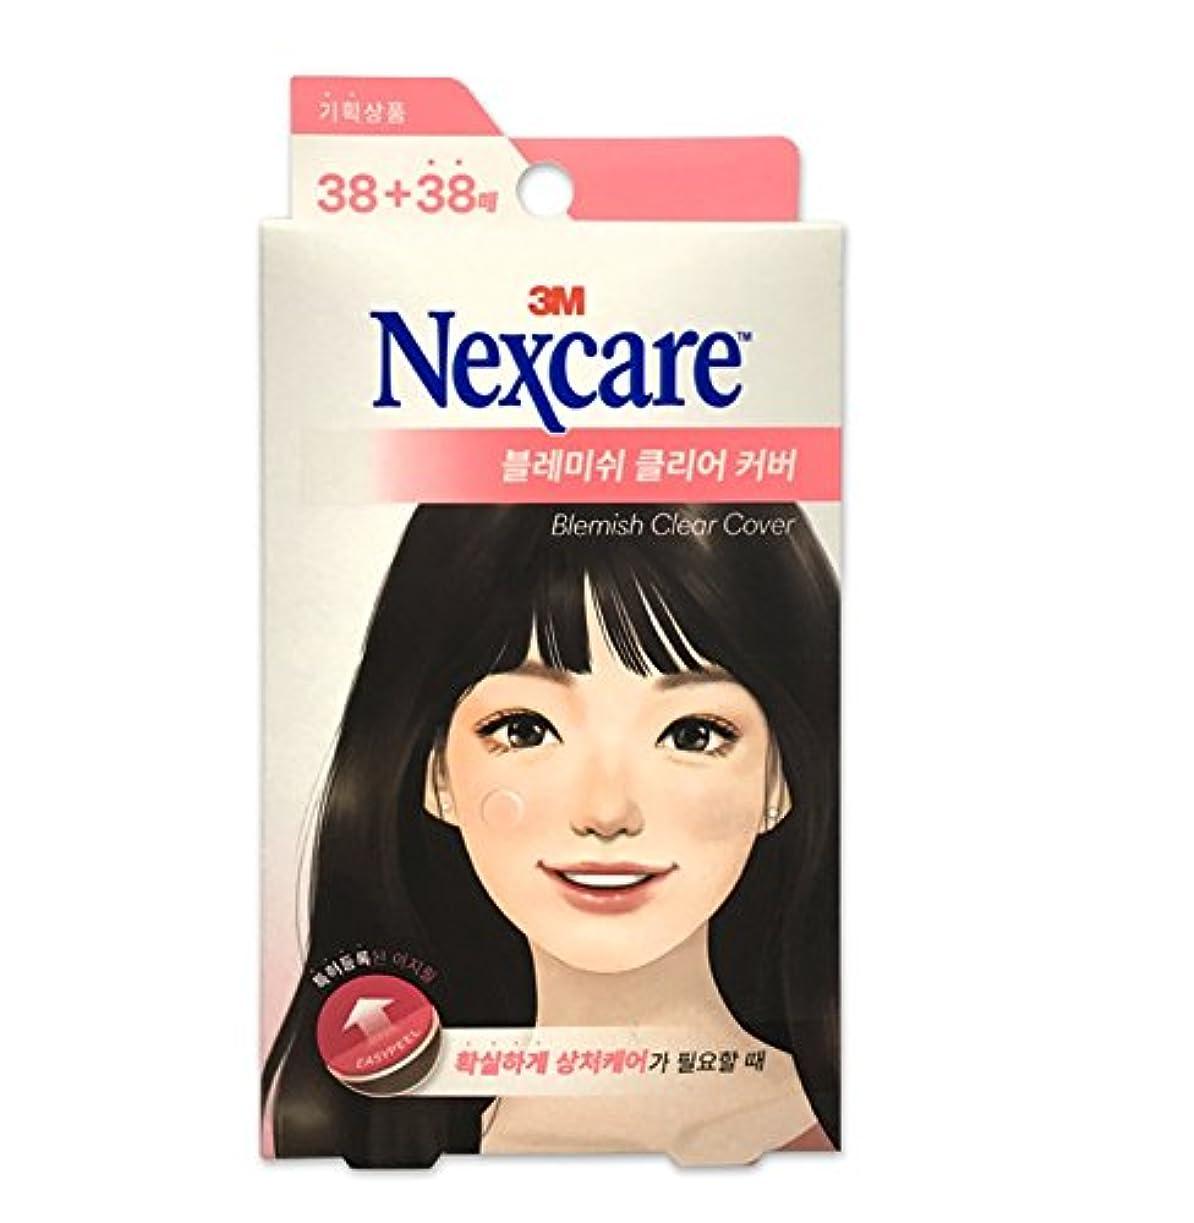 タイプライター砂漠一過性3M Nexcare Blemish Clear Cover Easy Peel 38+38 Patches/3M ネクスケア ブレミッシュ クリア カバー イージー ピール 38+38パッチ入り [並行輸入品]